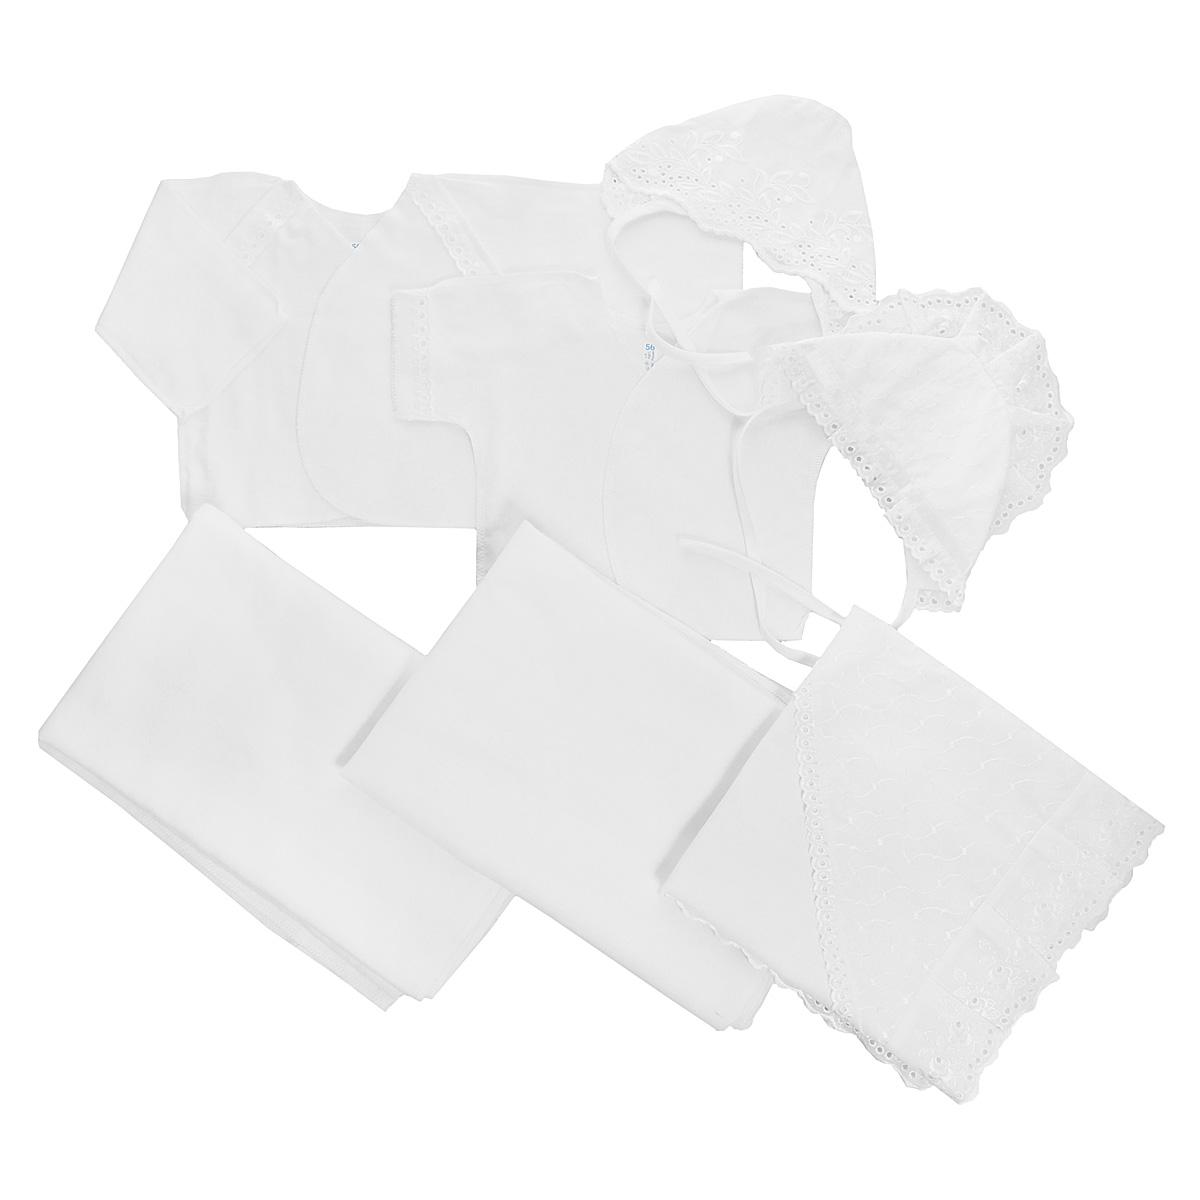 Комплект для новорожденного Трон-Плюс, 7 предметов, цвет: белый. 3403. Размер 56, 1 месяц3403Комплект для новорожденного Трон-плюс - это замечательный подарок, который прекрасно подойдет для первых дней жизни малыша. Комплект состоит из двух распашонок, двух чепчиков, уголка и двух пеленок. Комплект изготовлен из натурального хлопка, благодаря чему он необычайно мягкий и приятный на ощупь, не сковывает движения младенца и позволяет коже дышать, не раздражает даже самую нежную и чувствительную кожу ребенка, обеспечивая ему наибольший комфорт. Легкая распашонка с короткими рукавами выполнена швами наружу. Изделие украшено вышивкой, а рукава декорированы ажурными рюшами.Теплая распашонка с запахом выполнена швами наружу. Декорирована распашонка ажурными рюшами. Чепчик защищает еще не заросший родничок, щадит чувствительный слух малыша, прикрывая ушки, и предохраняет от теплопотерь. Комплект содержит два чепчика: один - легкий мягкий чепчик с завязками выполнен швами наружу и украшен вышивками, а второй - теплый чепчик выполнен из футера швами наружу и украшен вышивкой и ажурными рюшами. Очаровательный уголок, выполненный из натурального хлопка и украшенный кружевом, необычайно мягкий и легкий, не раздражает нежную кожу ребенка и хорошо вентилируется, а эластичные швы приятны телу младенца. Уголок обеспечивает вашему ребенку комфорт! Пеленка станет незаменимым помощником в деле ухода за ребенком. В комплект входят две пеленки: легкая из мадаполама и теплая из футера. В таком комплекте ваш малыш будет чувствовать себя комфортно, уютно и всегда будет в центре внимания!